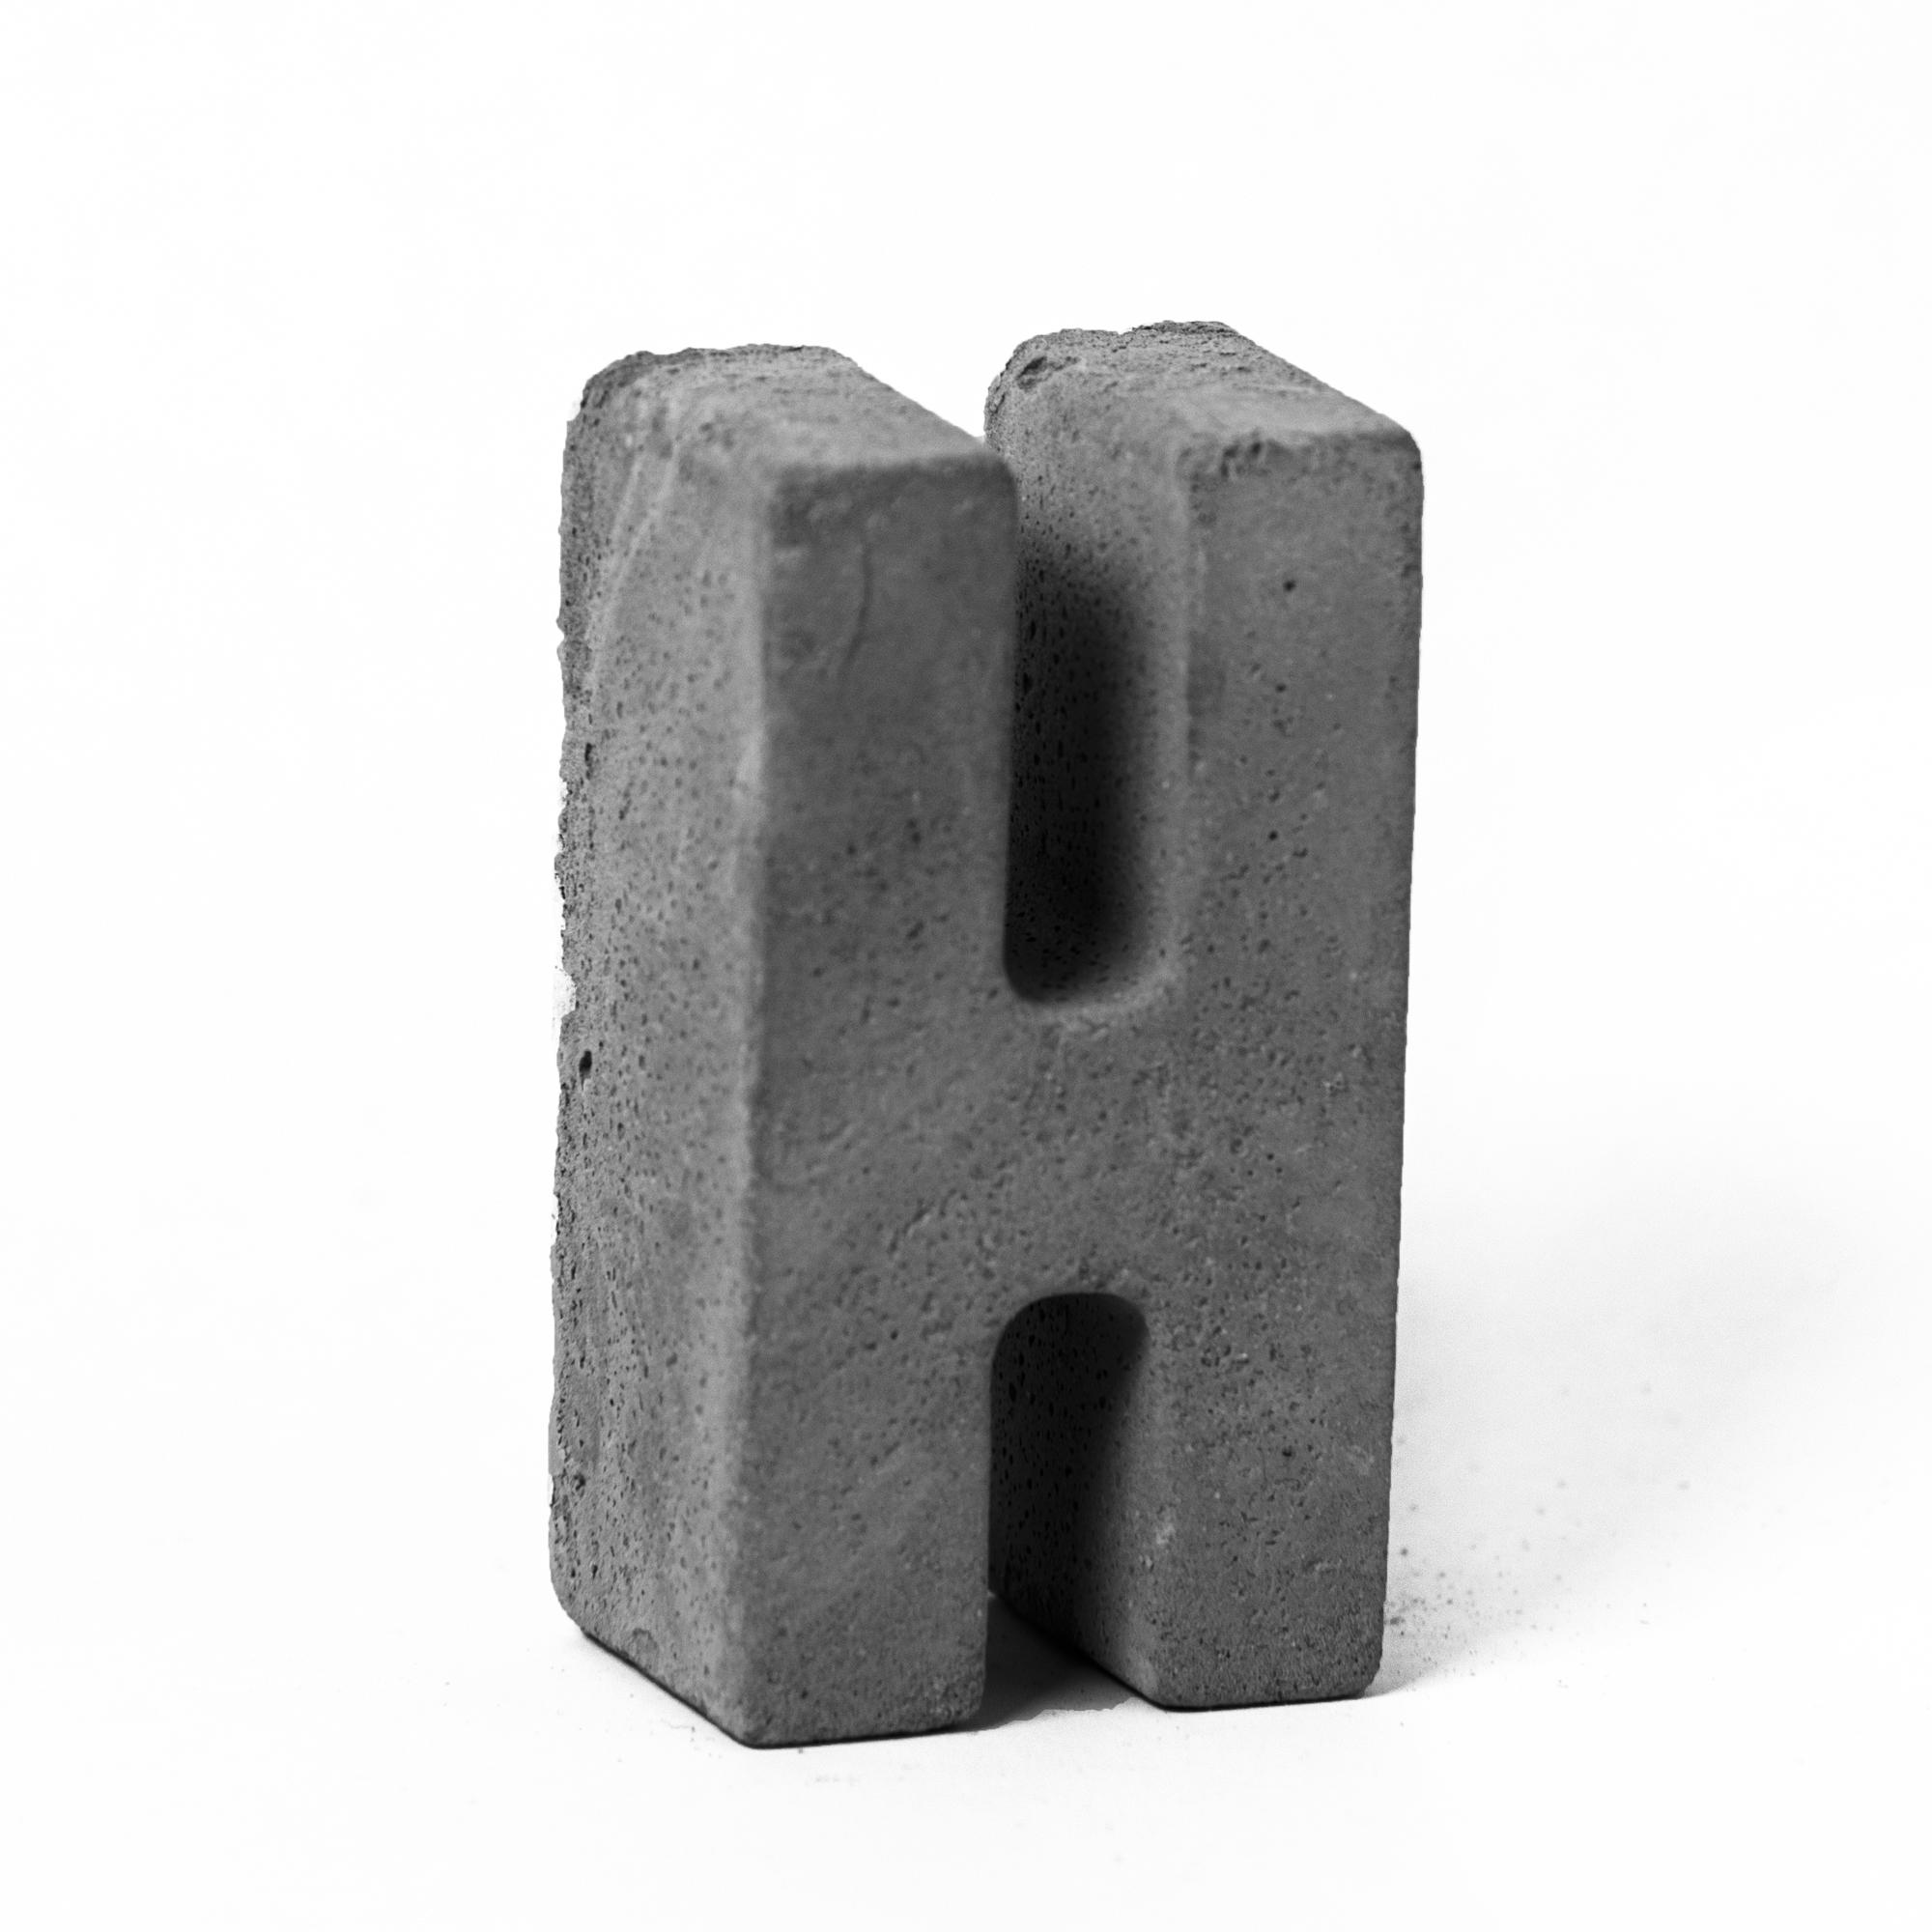 مجسمه بتنی طرح حروف مدل letter H